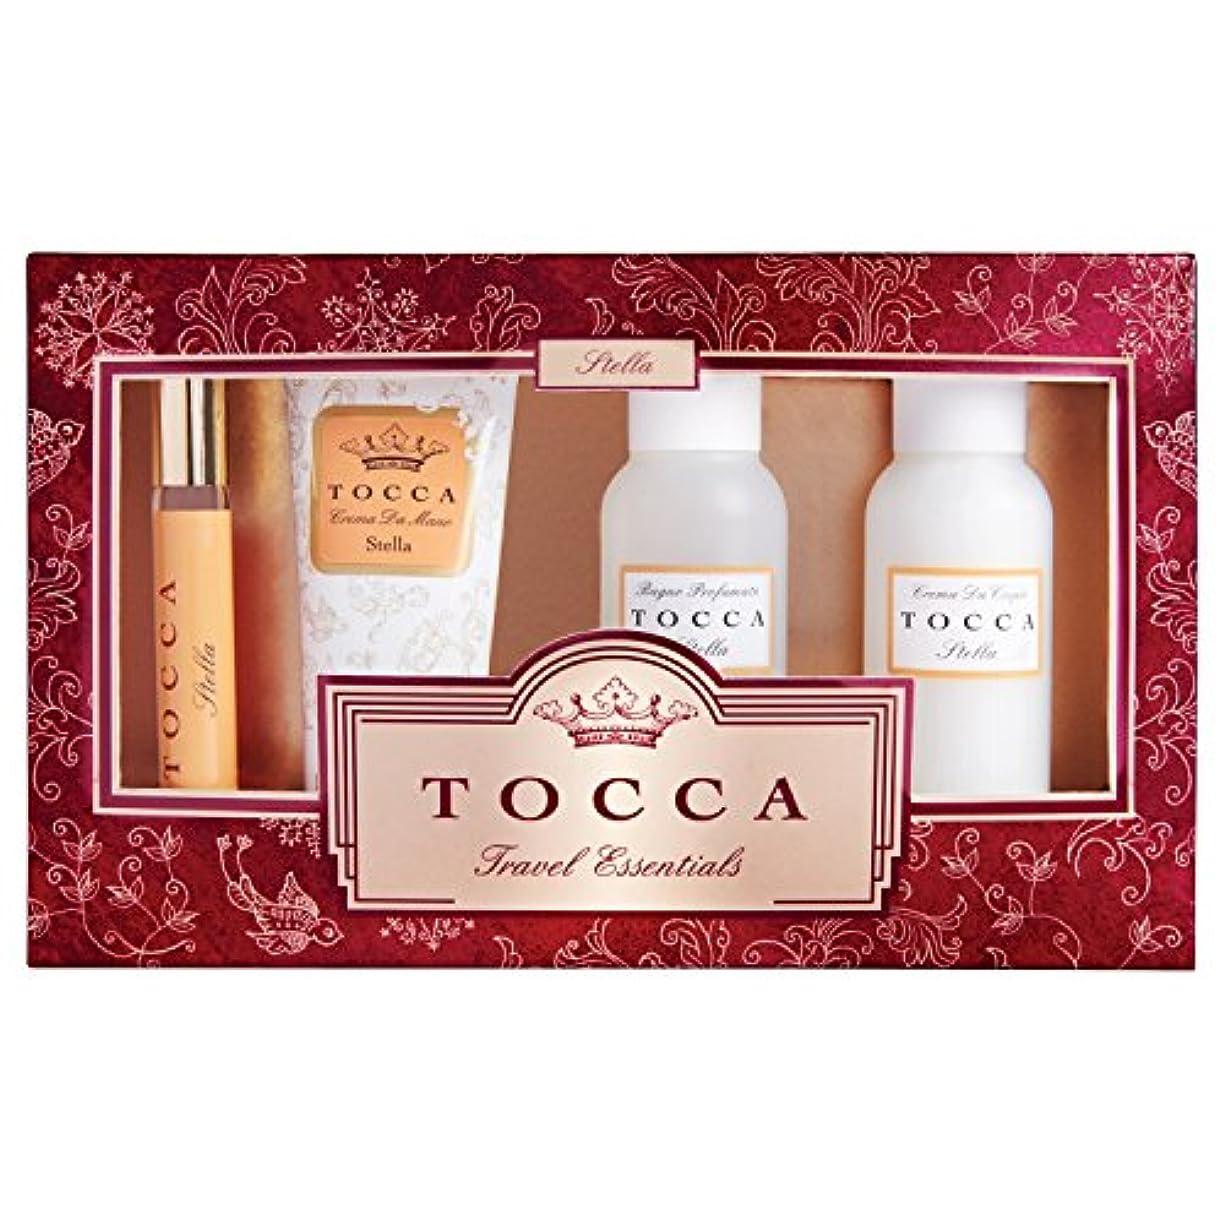 適切に見捨てられた要旨トッカ(TOCCA) トラベルエッセンシャルズセットギルディッド ステラの香り (限定コフレ?ギフト)